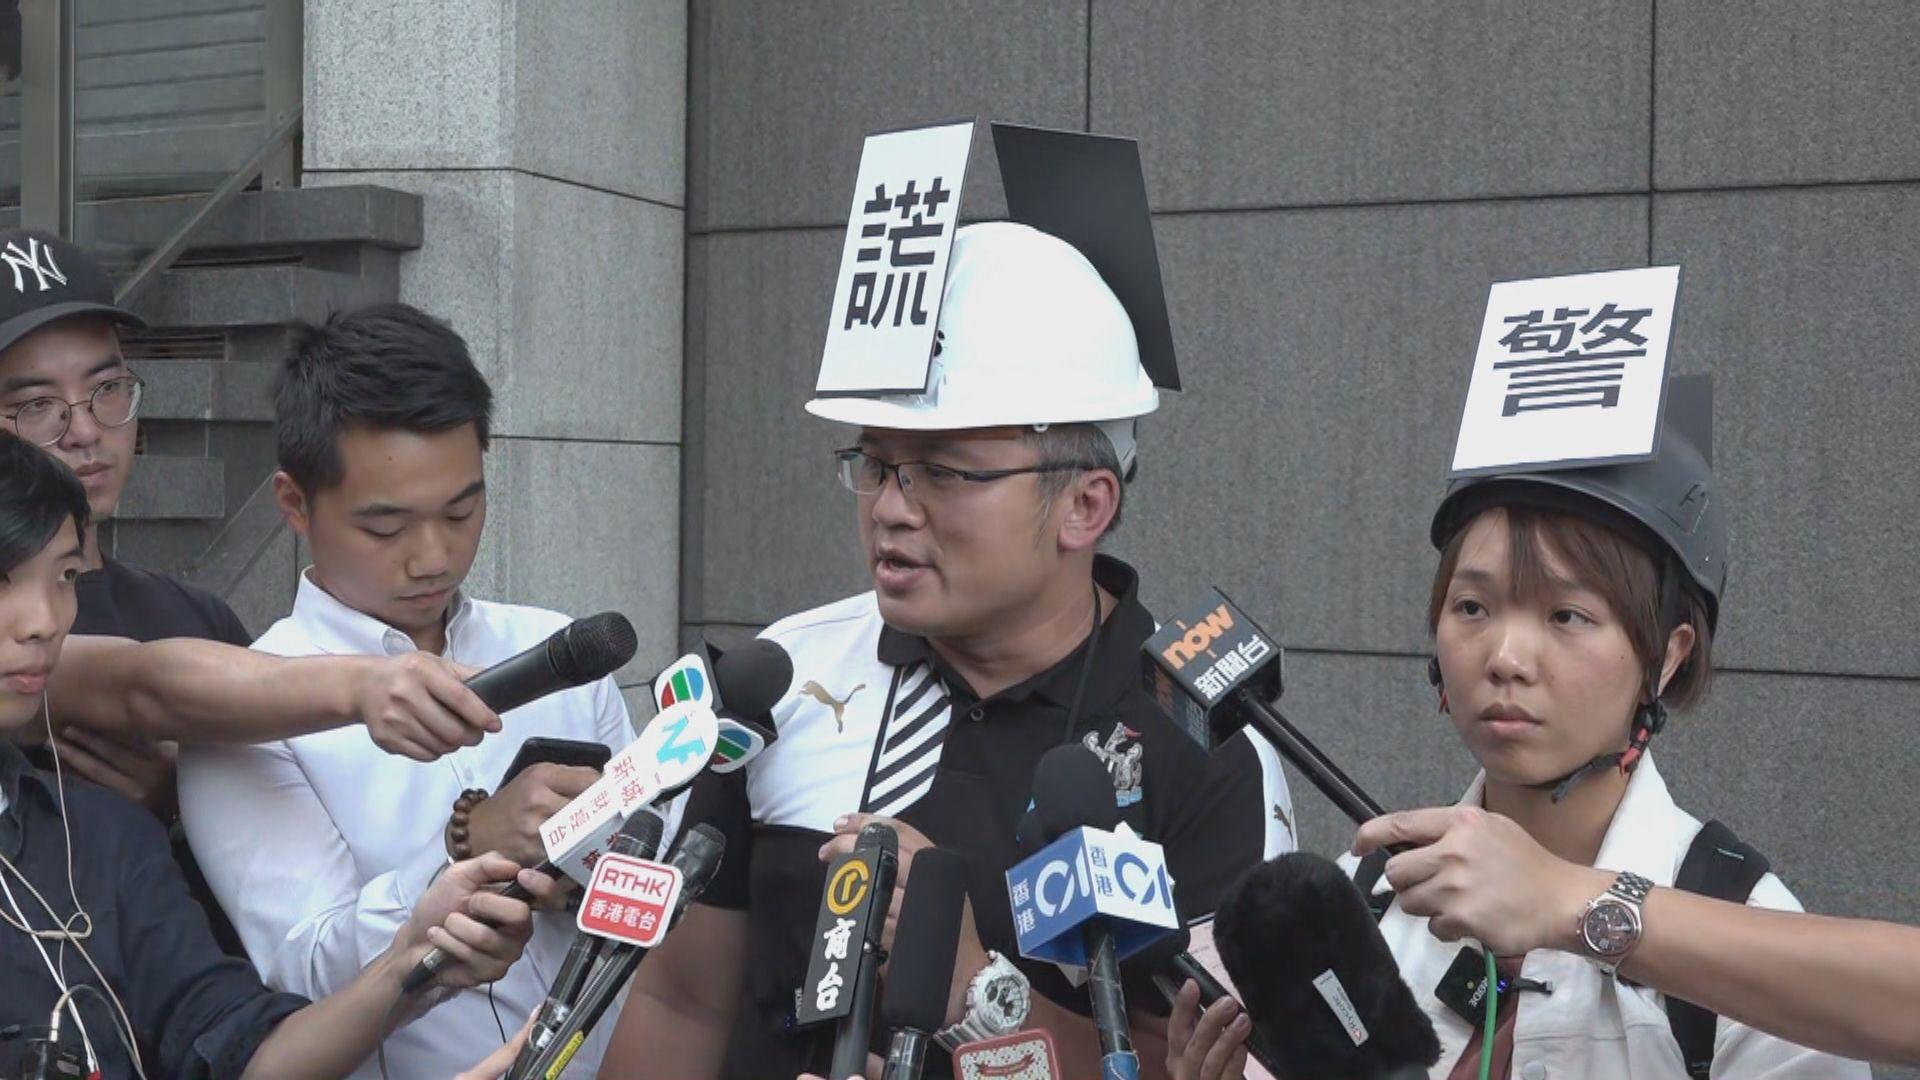 數名記者戴有標語頭盔譴責警方任意拘捕記者